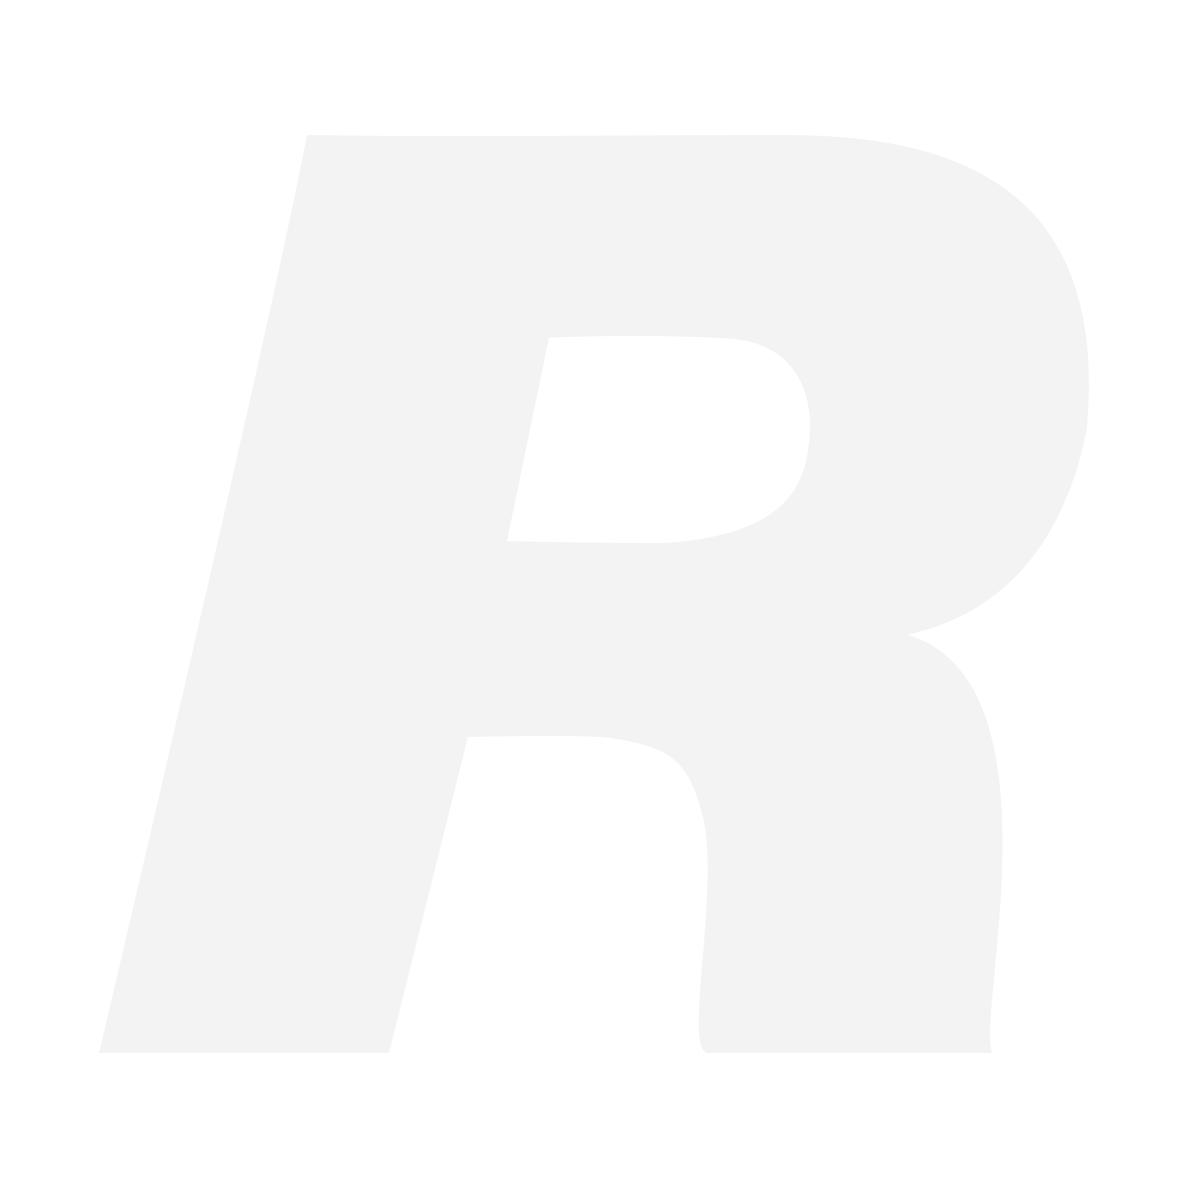 Billingham Rucksack 25 -kamerareppu, black/tan